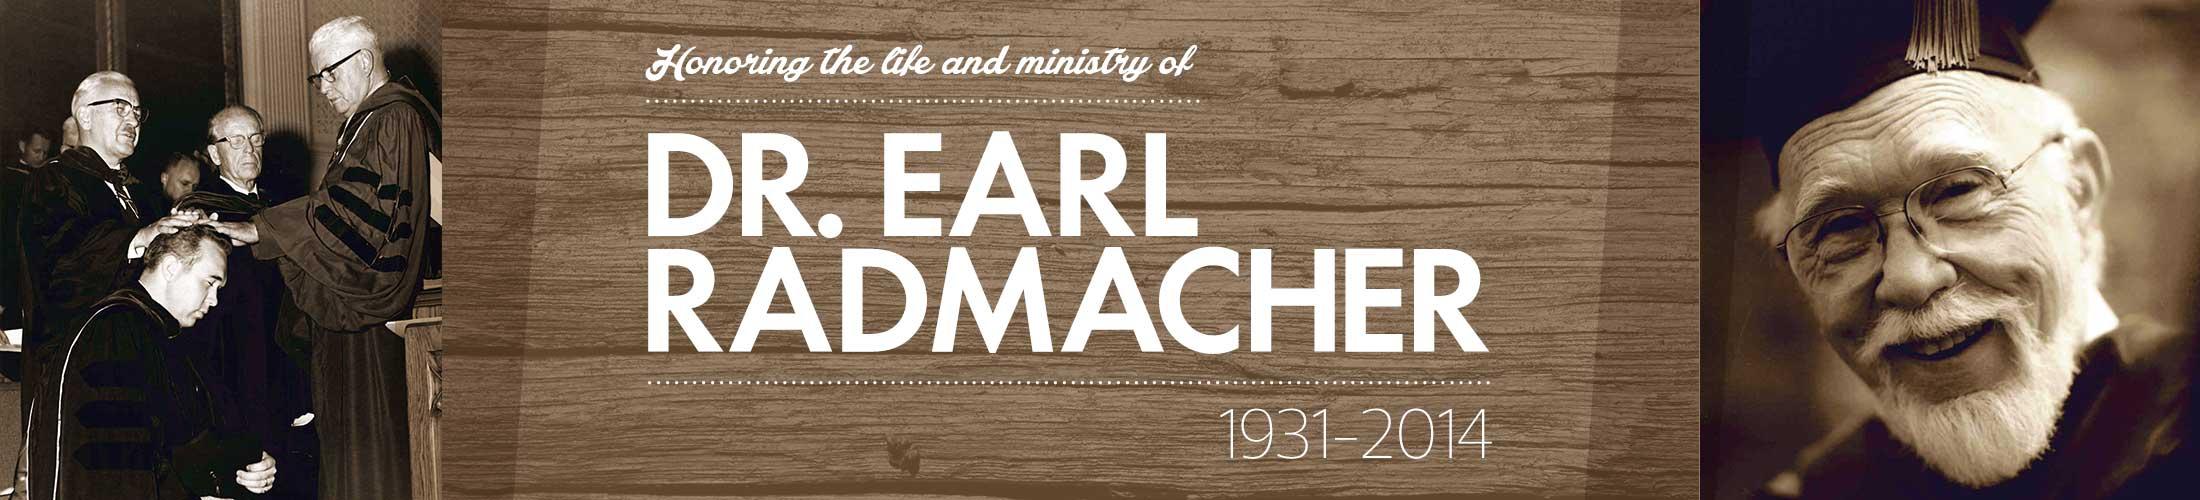 Honoring-Dr.-Earl-Radmacher